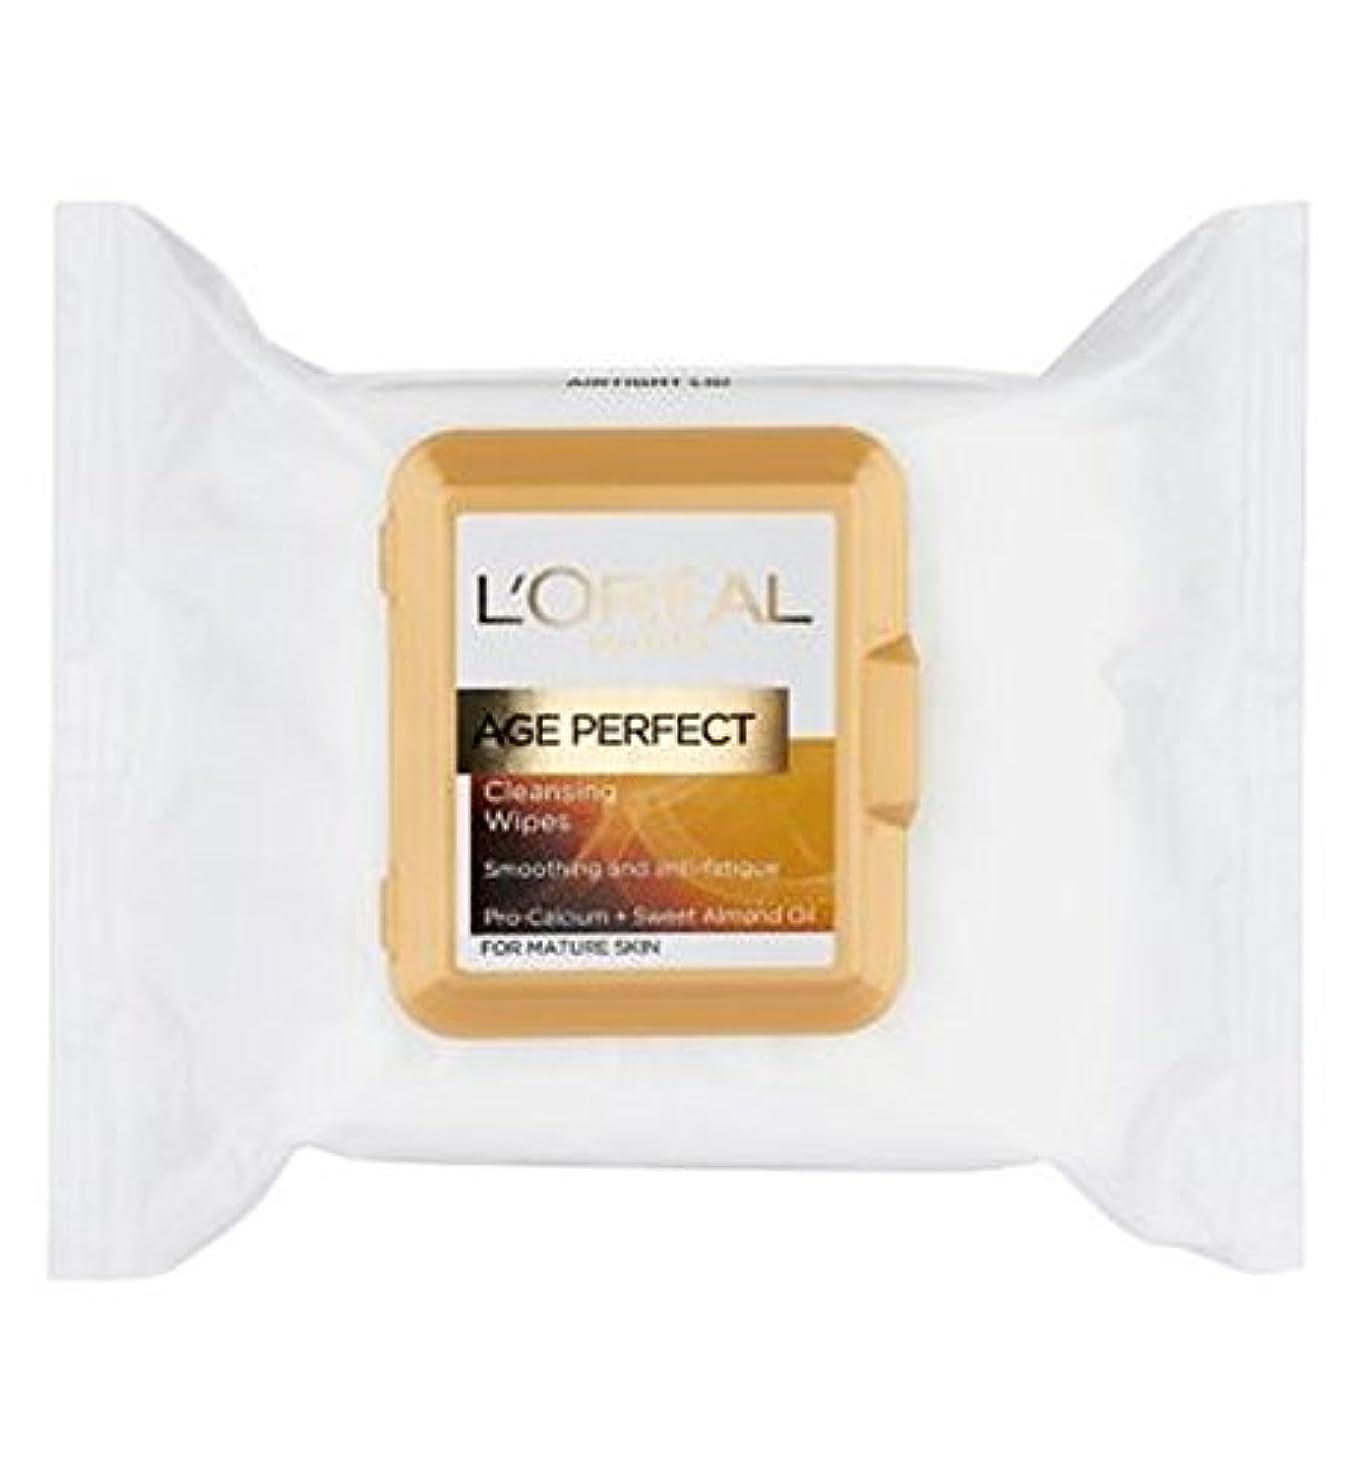 バレルデクリメント誰完璧なクレンジングを平滑L'Oreall真皮専門知識の年齢は成熟した皮膚の25S用のワイプ (L'Oreal) (x2) - L'Oreall Dermo-Expertise Age Smoothing Perfect...